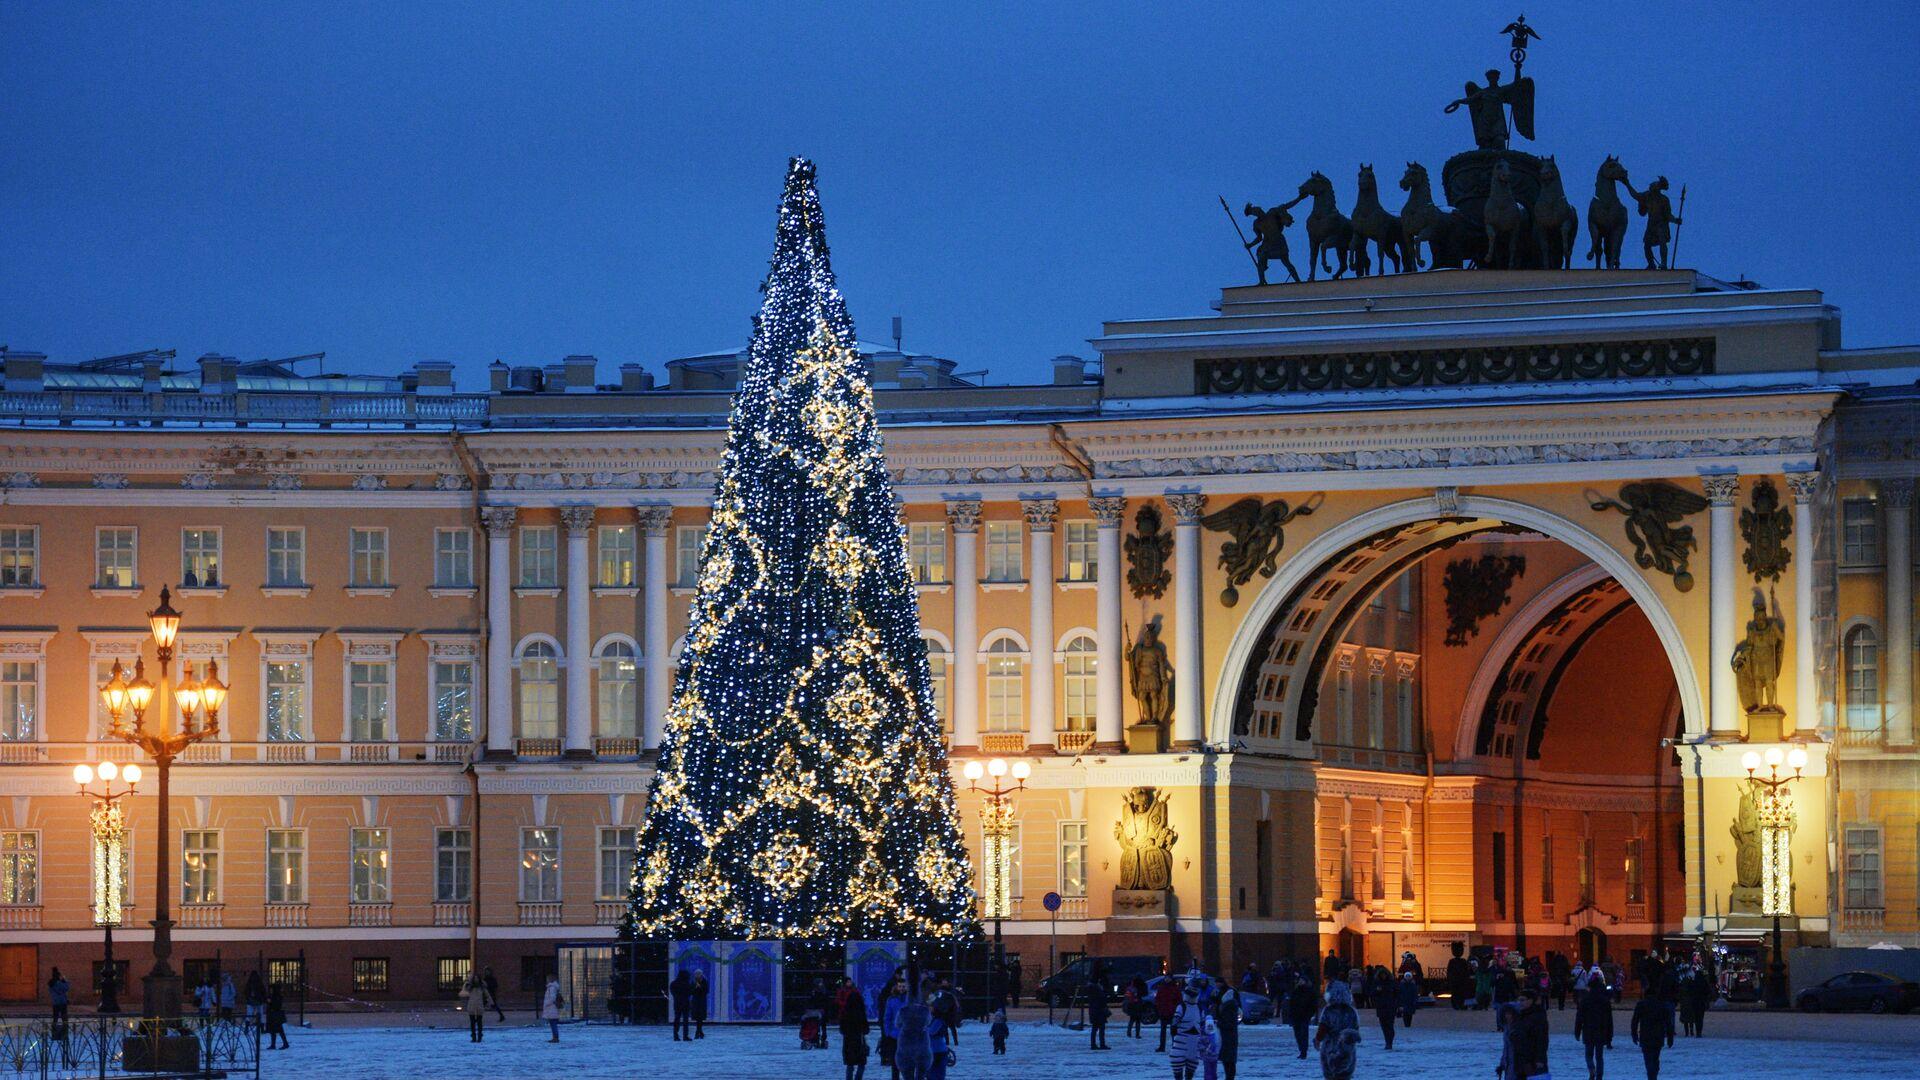 Главная новогодняя елка на Дворцовой площади в Санкт-Петербурге - РИА Новости, 1920, 03.12.2020